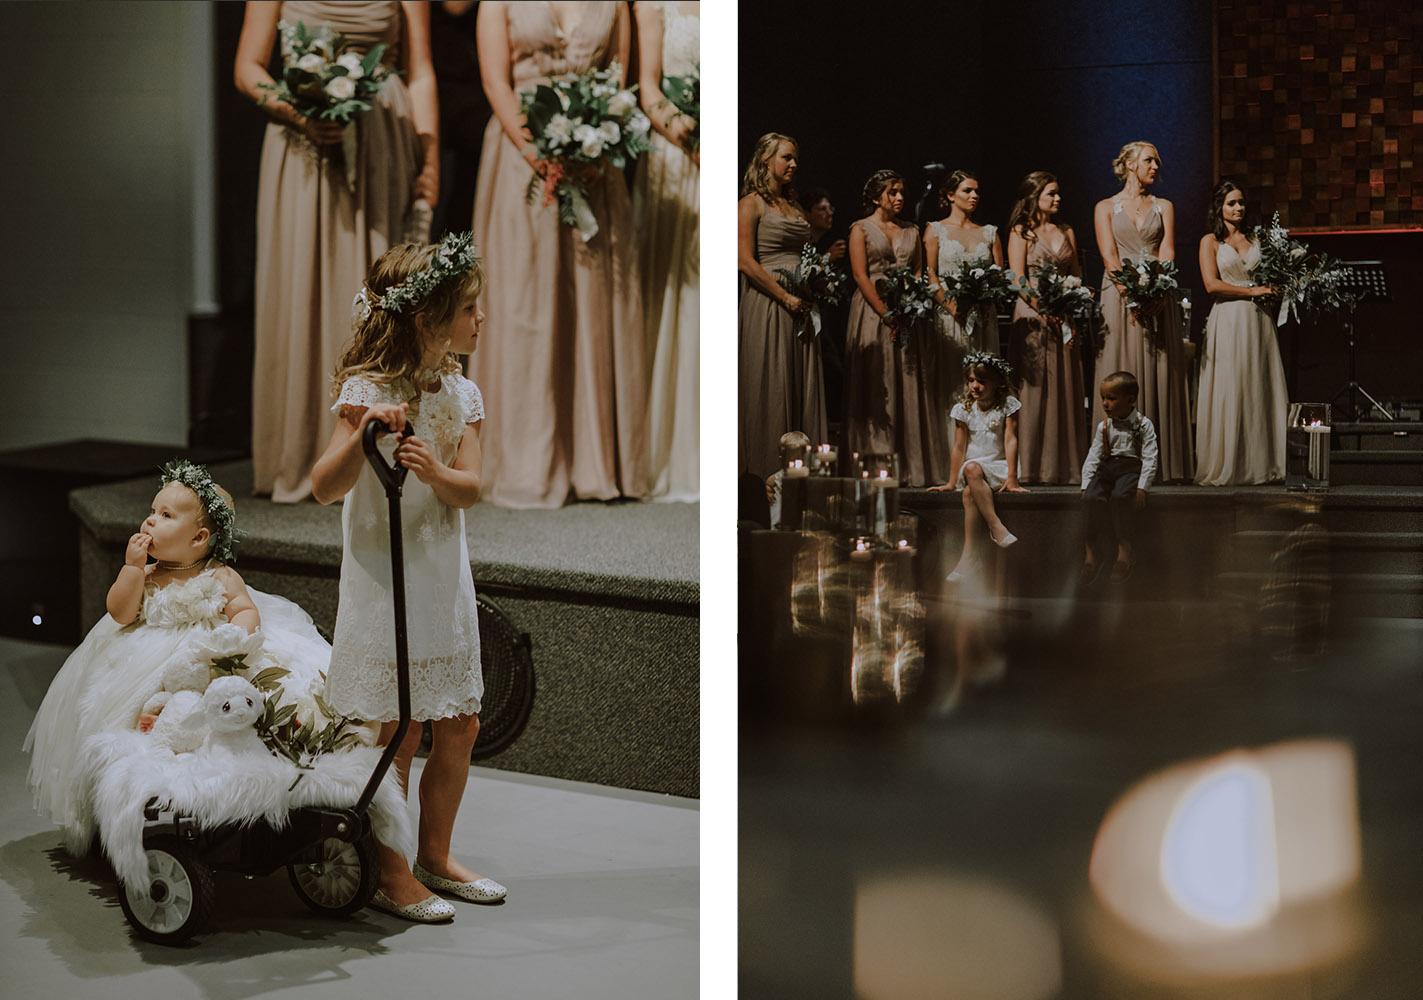 Rustic-Scandinavian-Inspired-Vancouver-Wedding-Roundhouse-wedding-photography-13.jpg